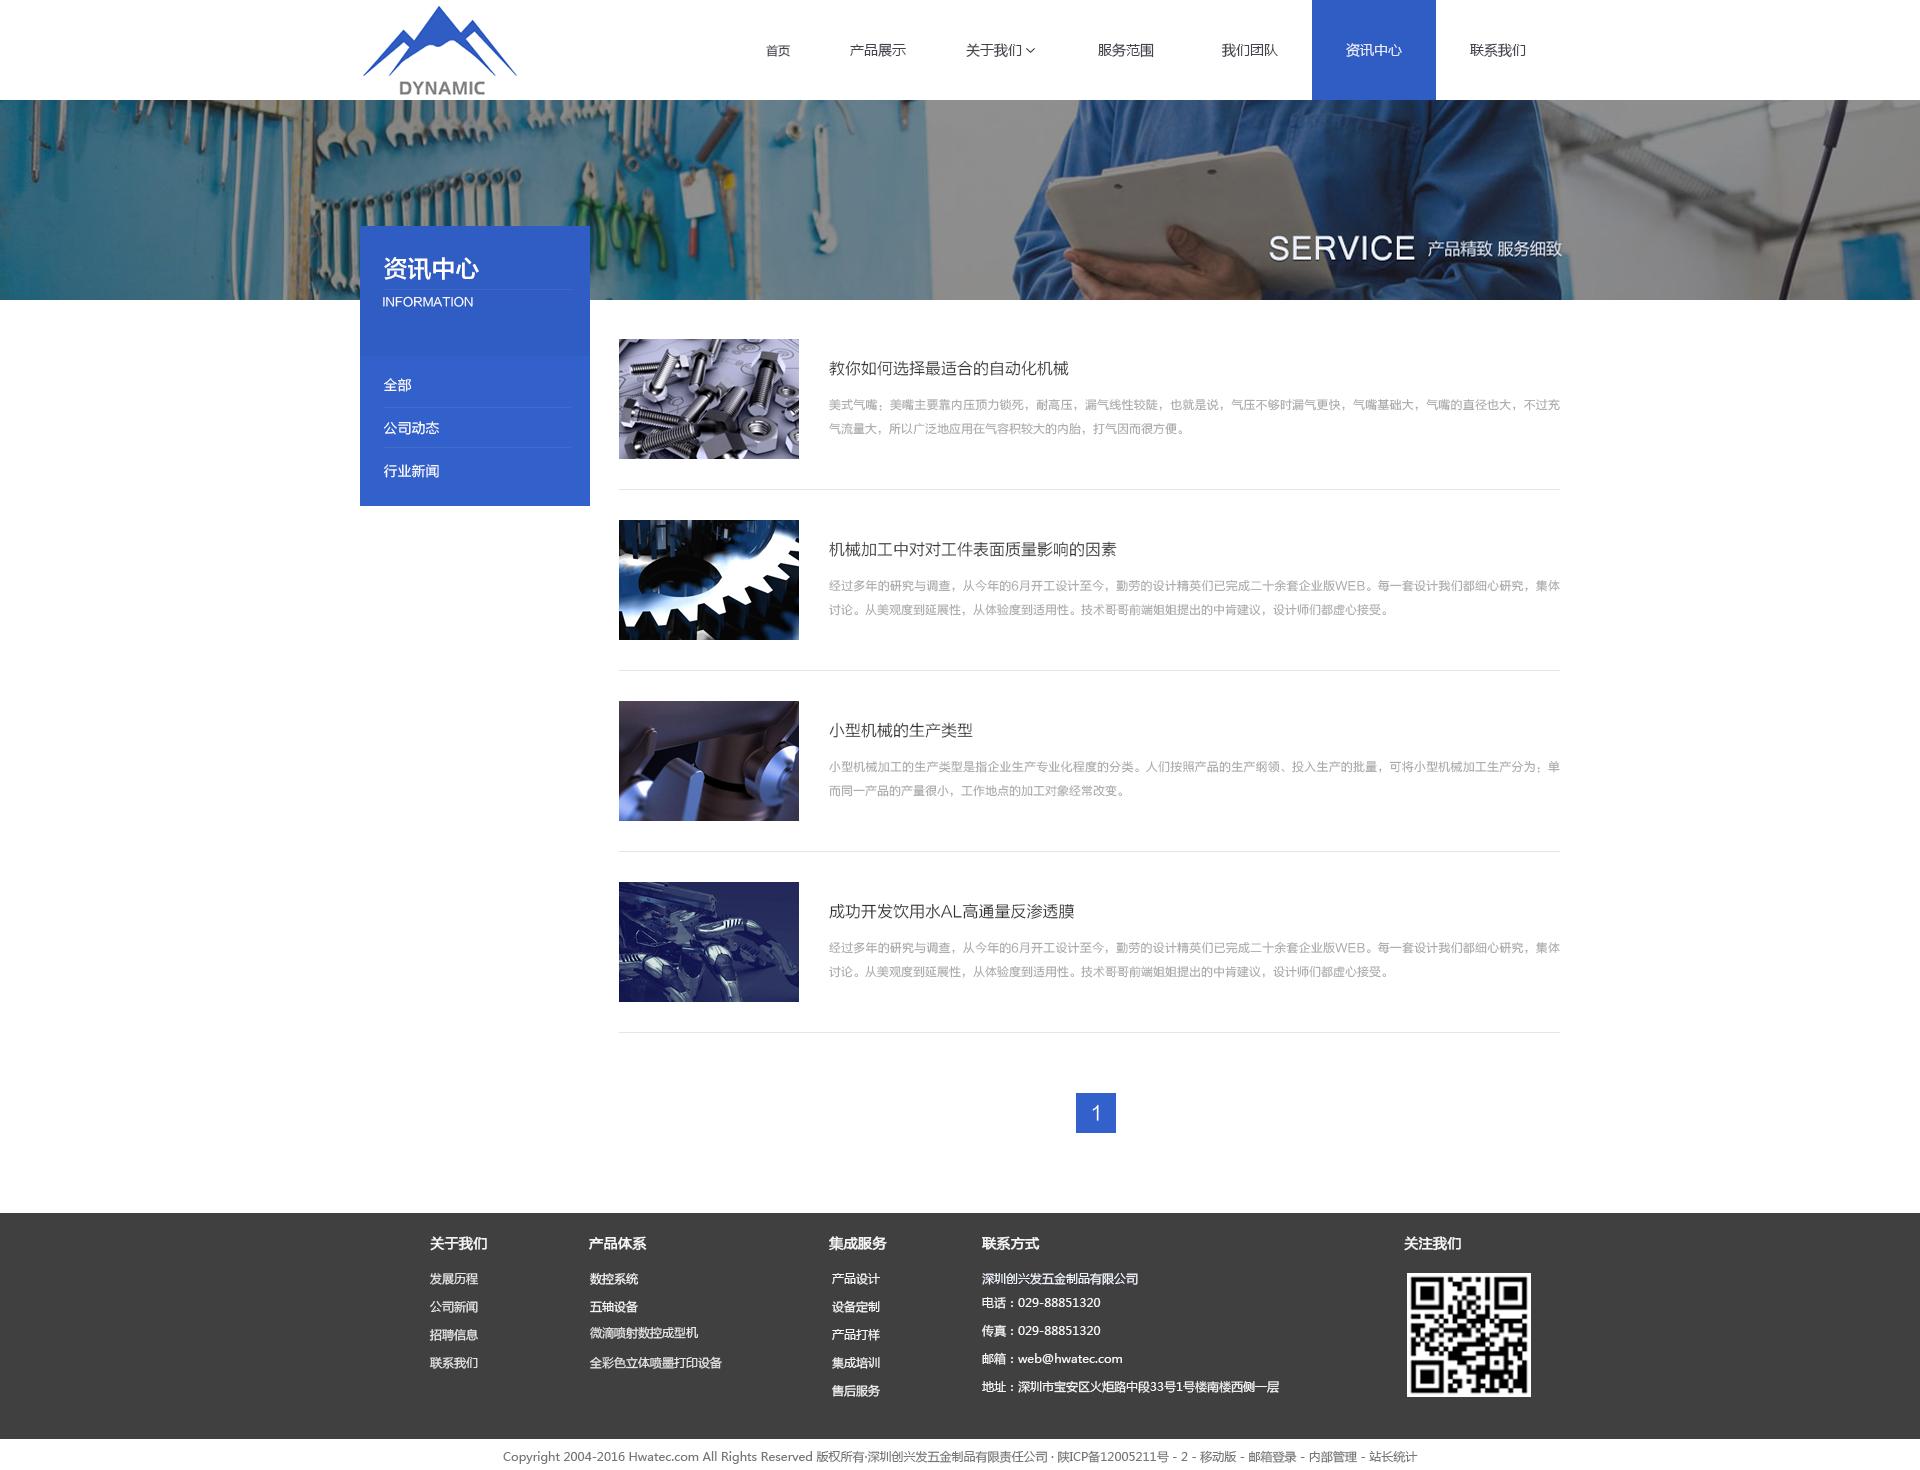 蓝色五金行业官网设计